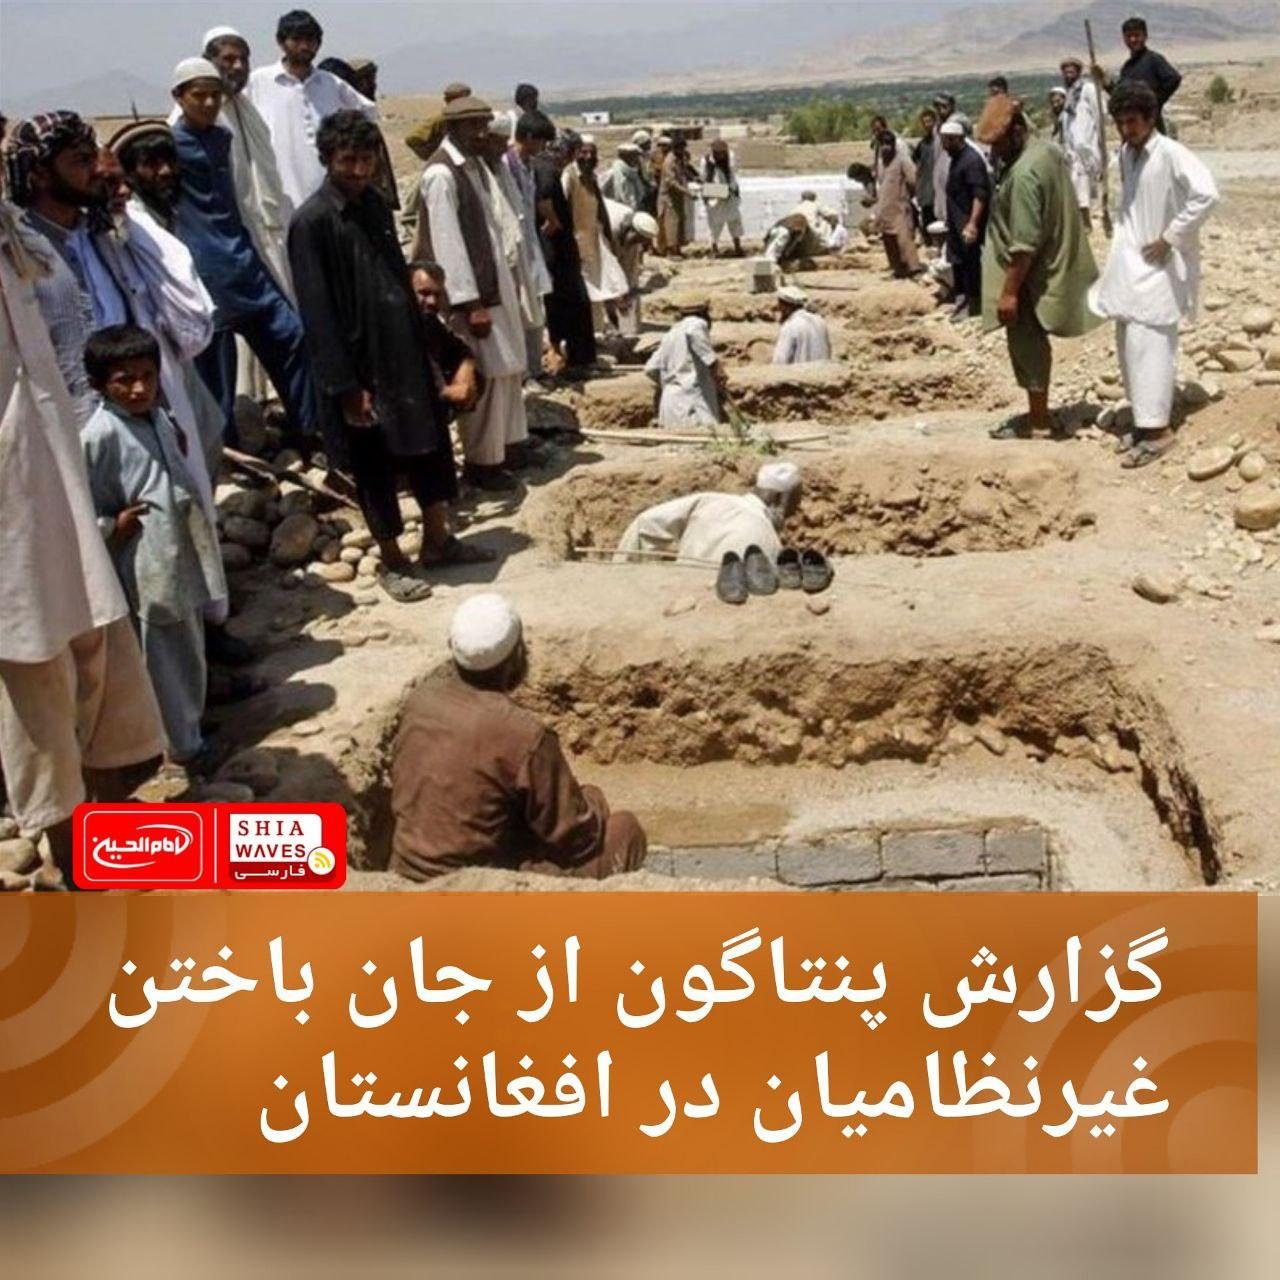 تصویر گزارش پنتاگون از جان باختن غیرنظامیان در افغانستان